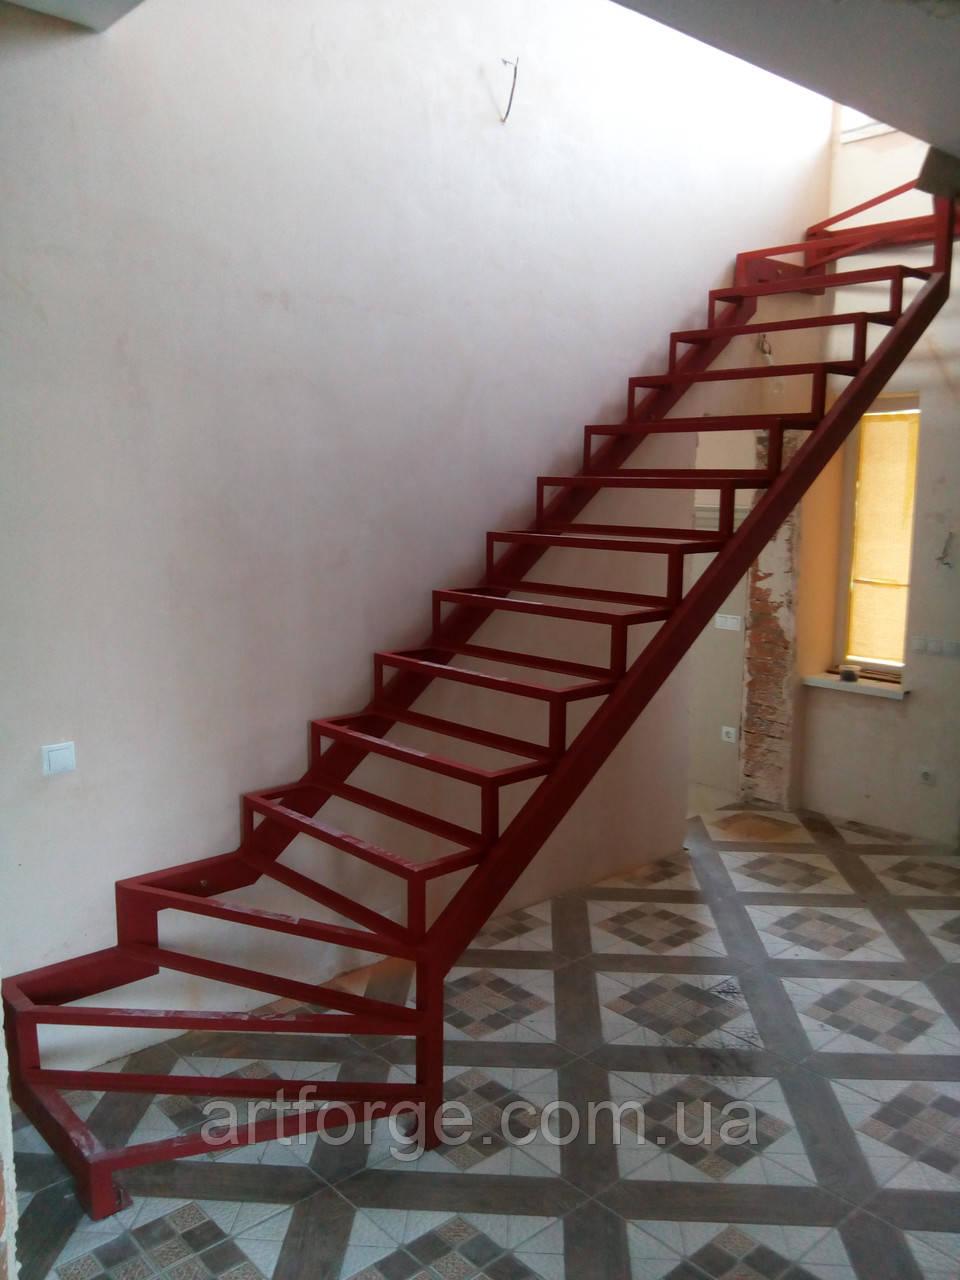 Каркас лестницы с 2 поворотами и забежными ступенями.